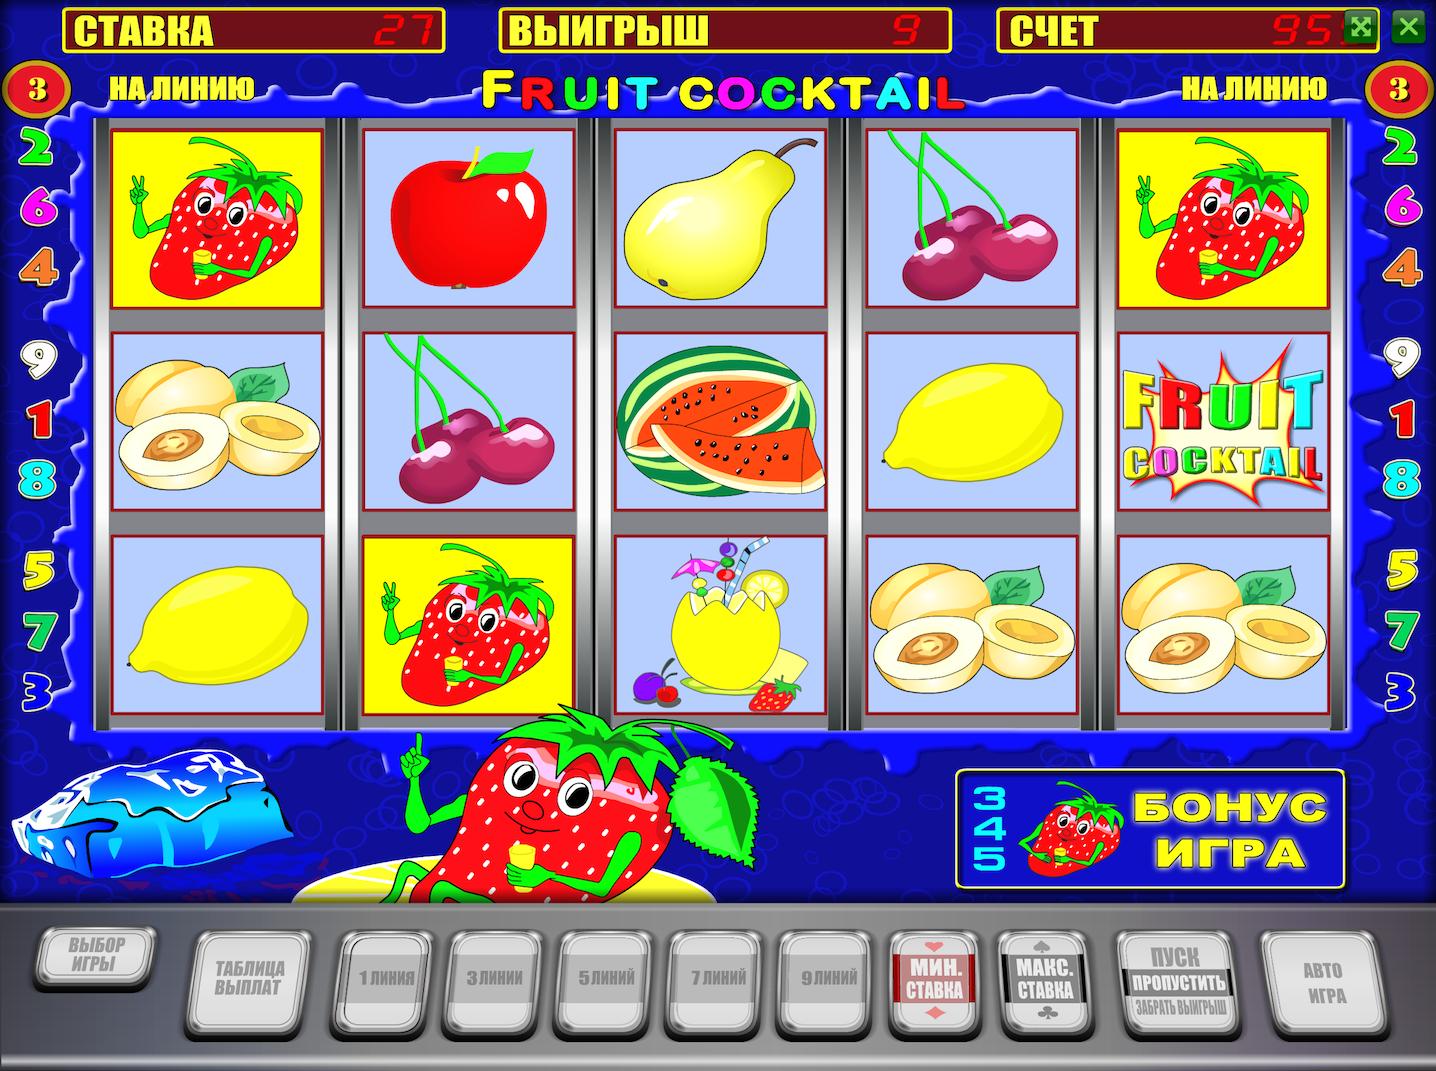 игровой аппарат свиньи играть бесплатно онлайн